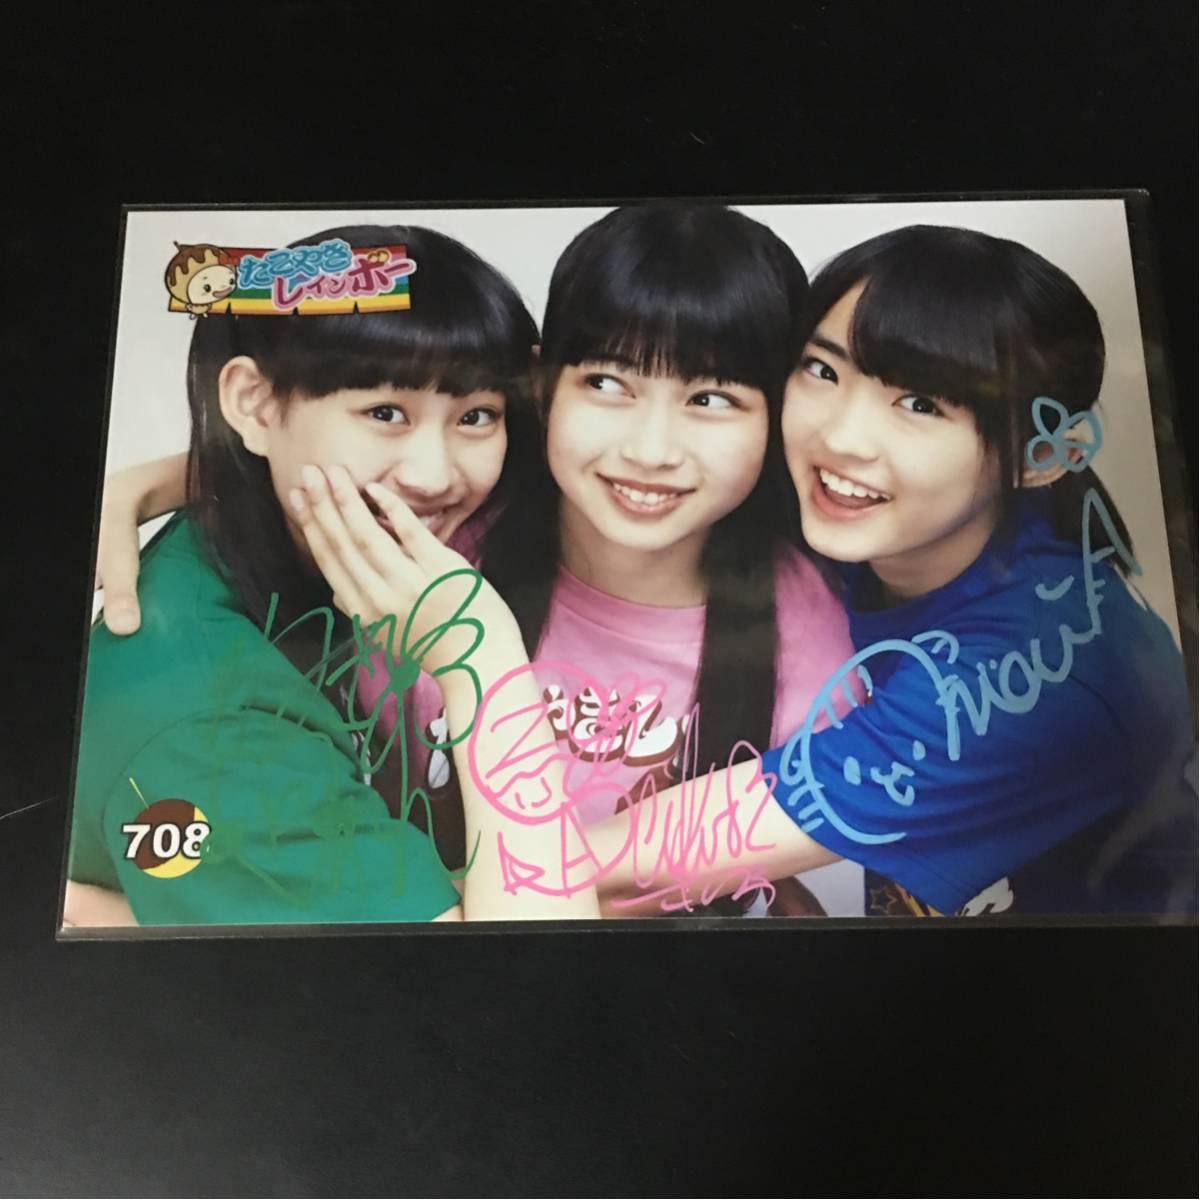 たこやきレインボー 春名真依 彩木咲良 根岸可蓮 生写真 サイン たこ虹 まいまい さくちゃん ライブグッズの画像